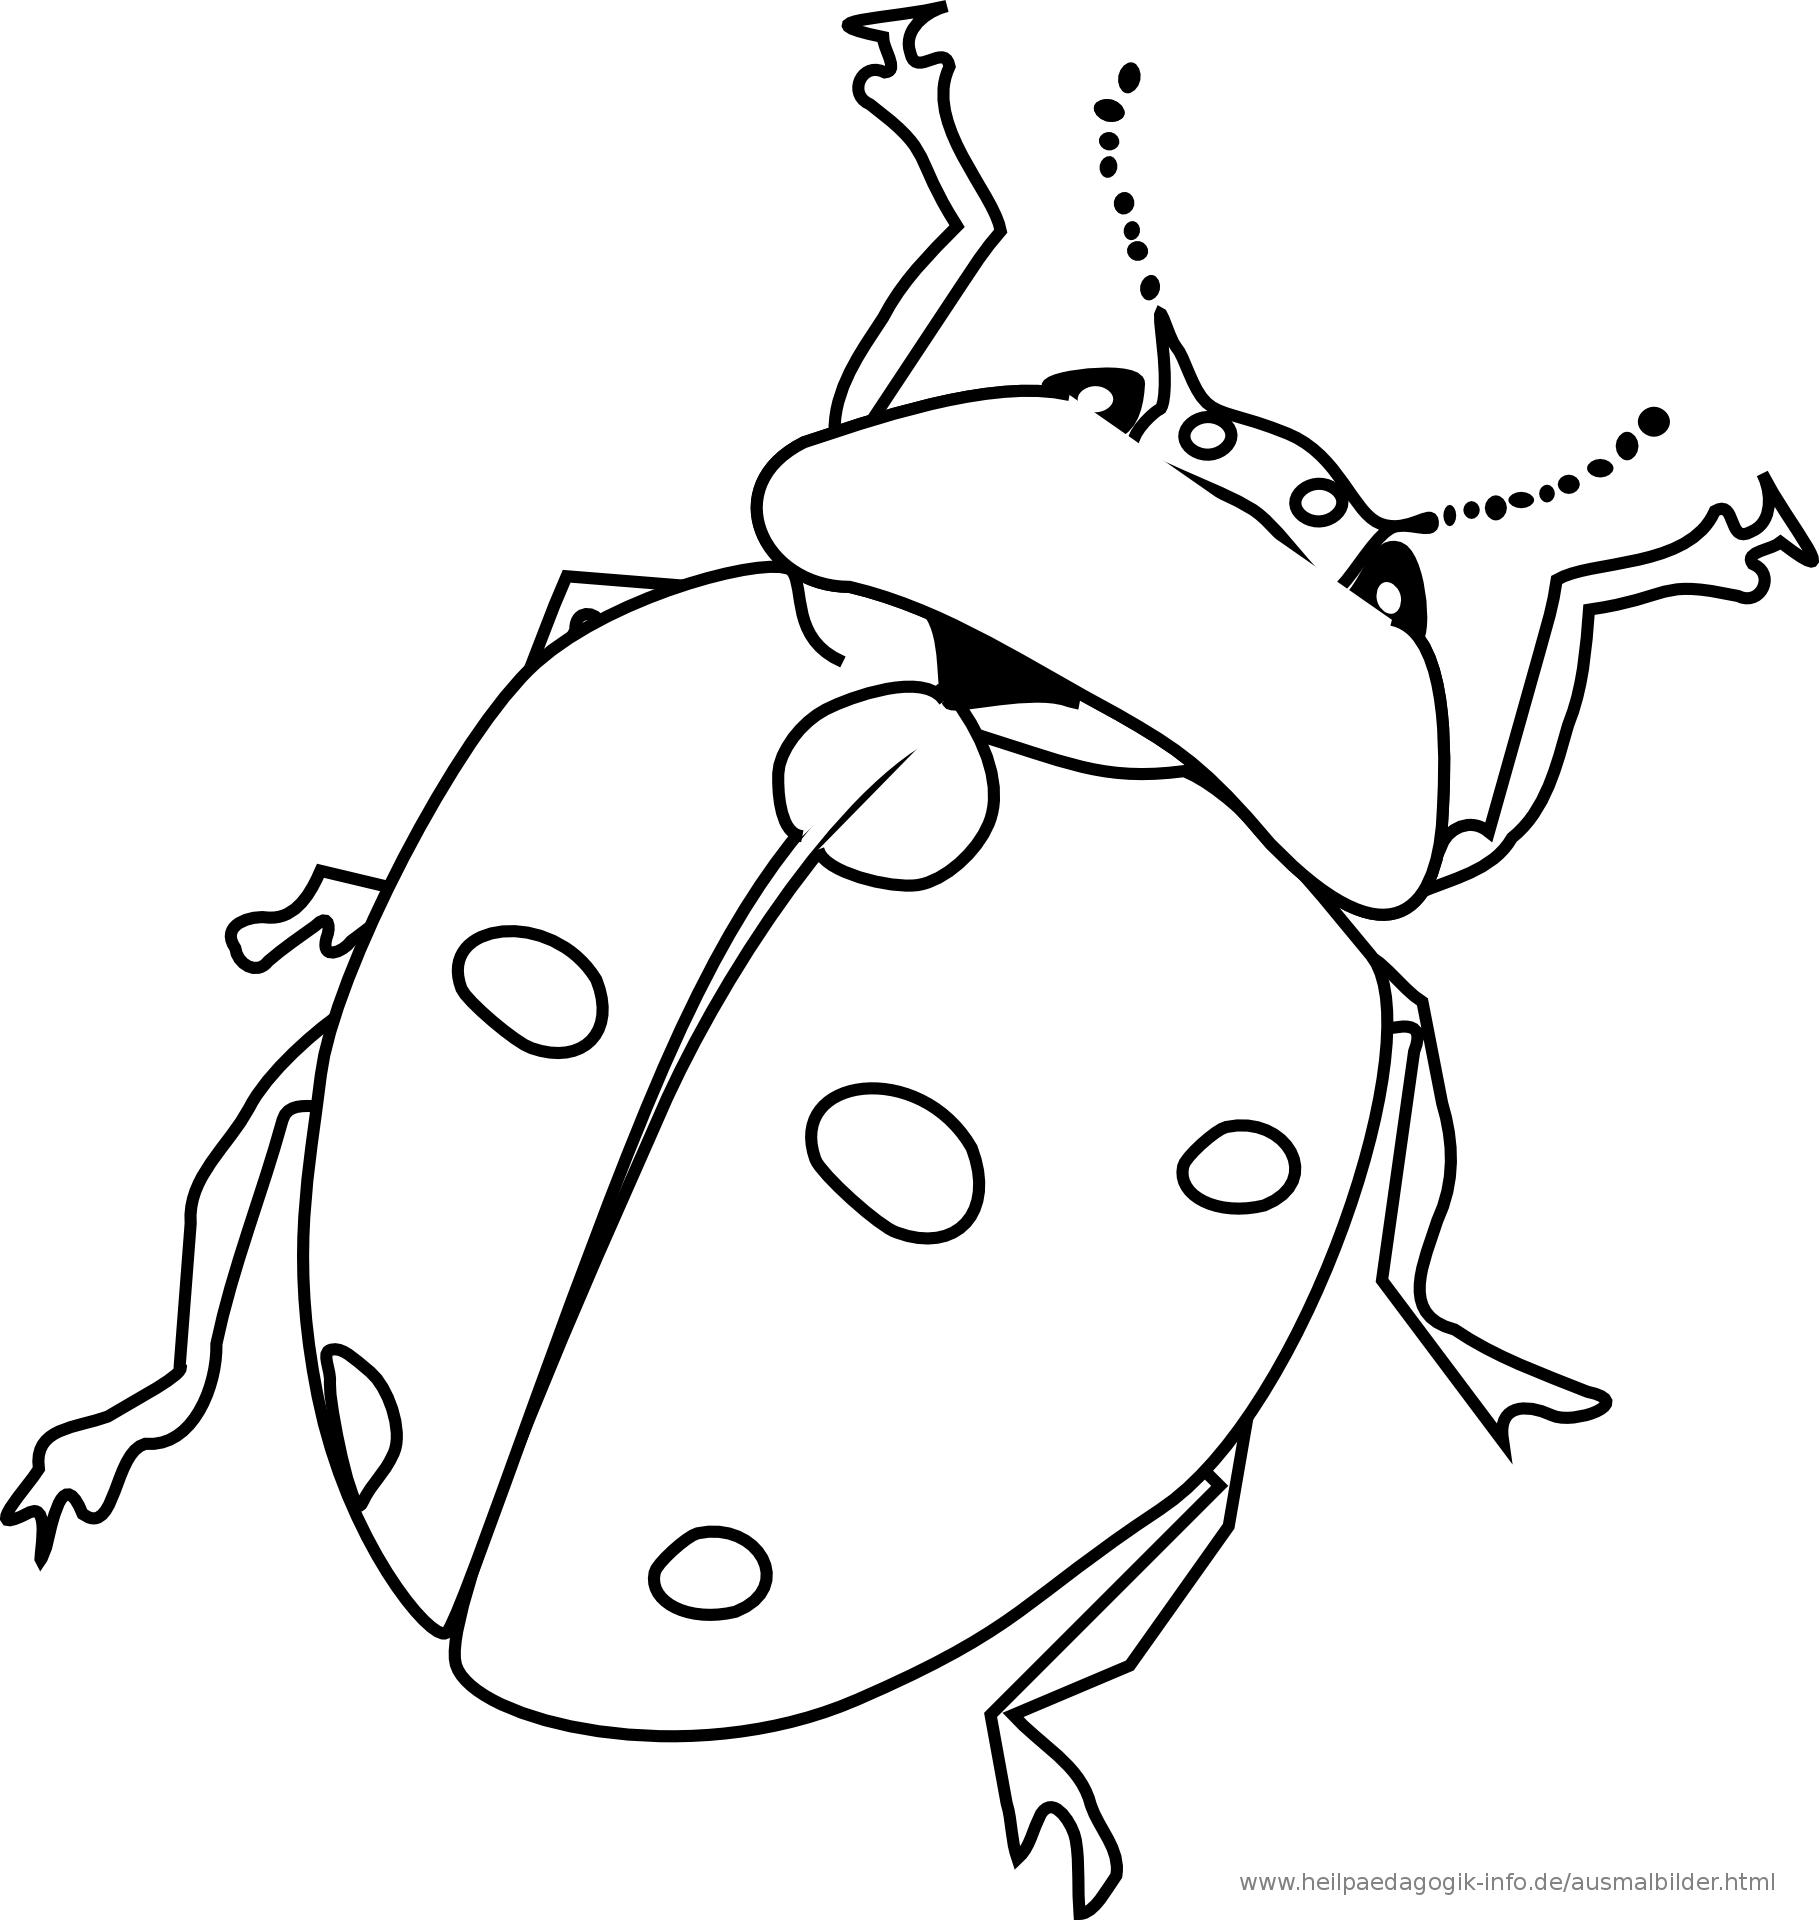 Kaefer Ausmalbilder Ausmalbilder Kaefer Ausmalbilder Ausmalen Lady Bug